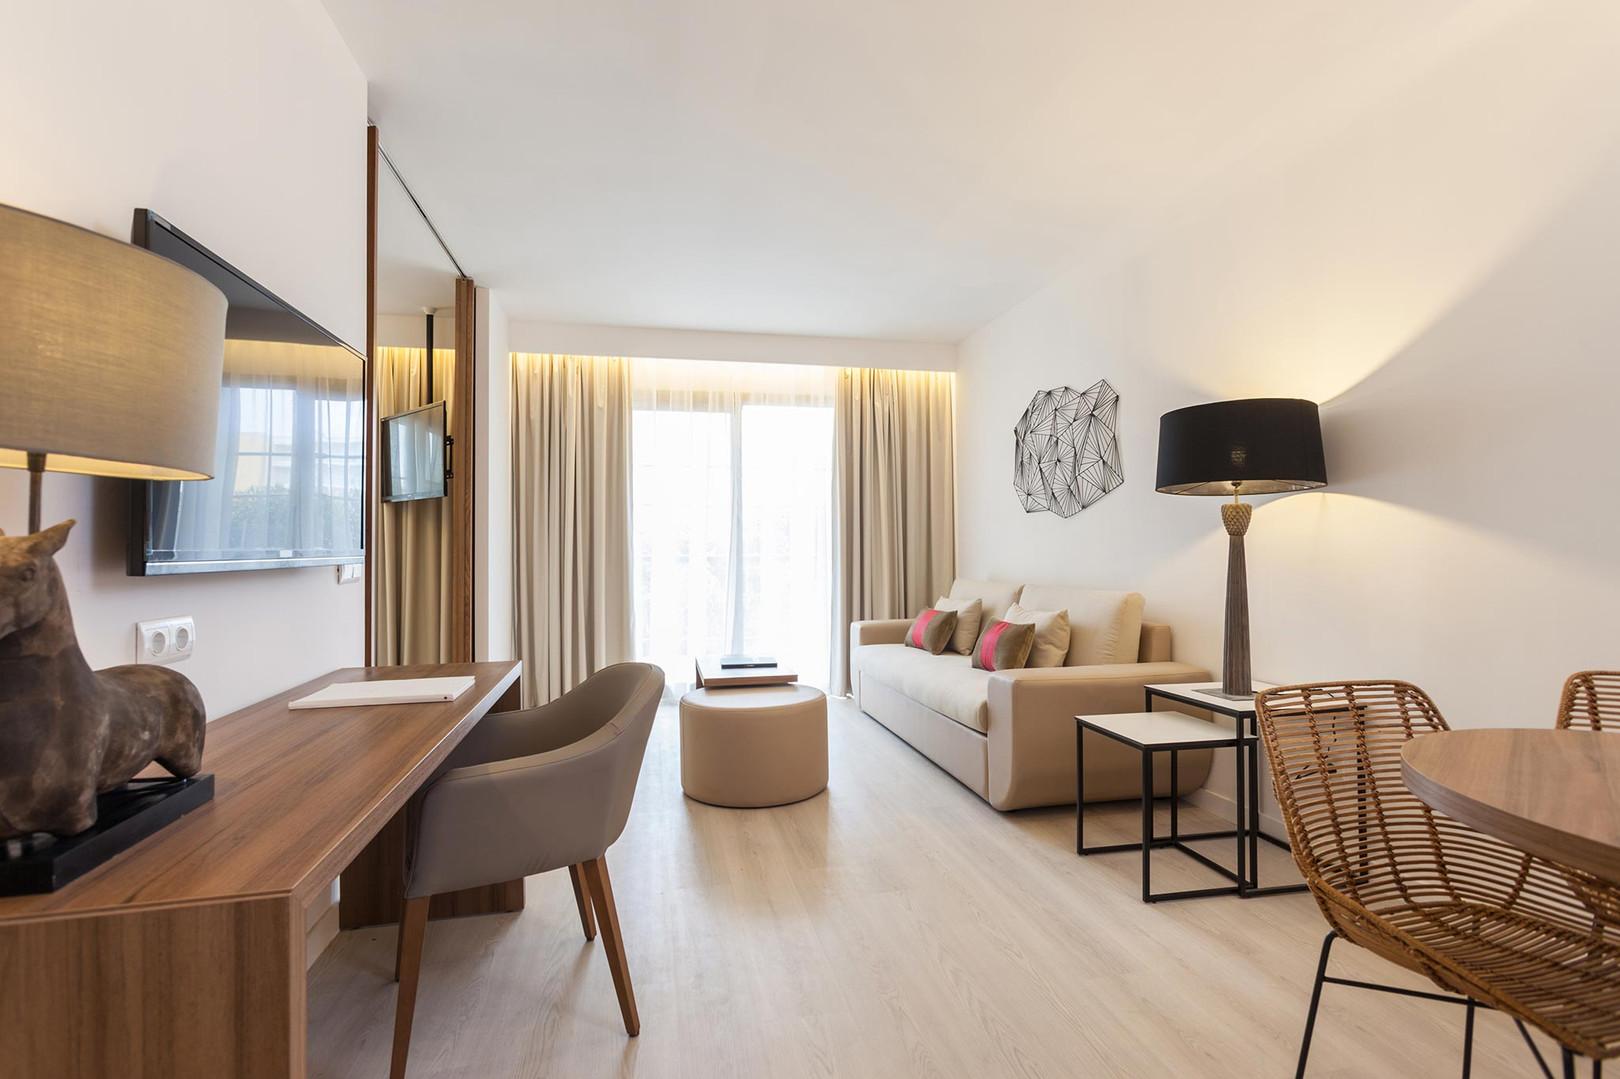 zafiro-penthouse-suite---zafiro-palace-a